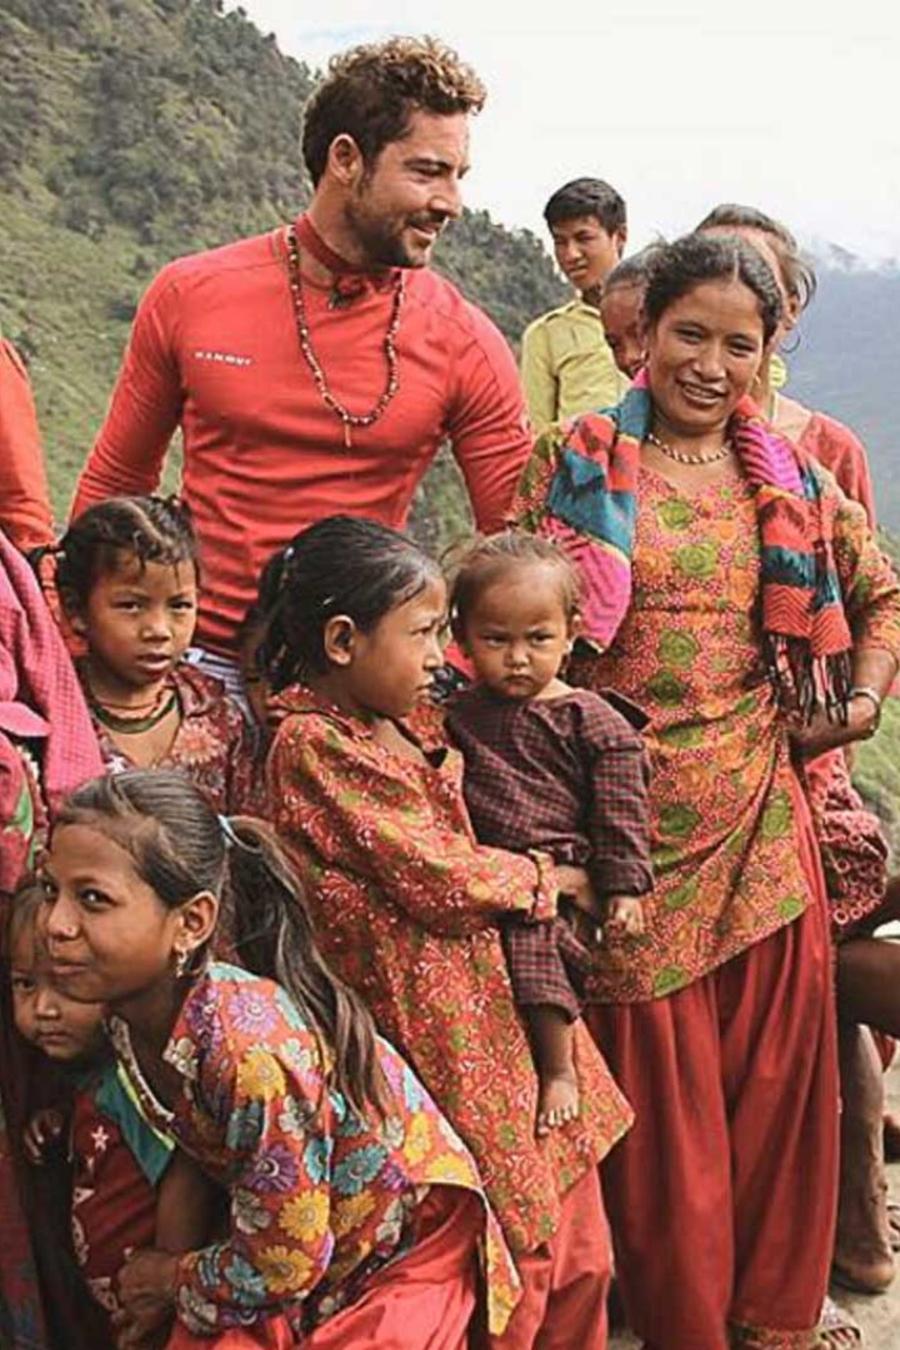 david bisbal visito nepal y ayudo a construir viviendas a los necesitados